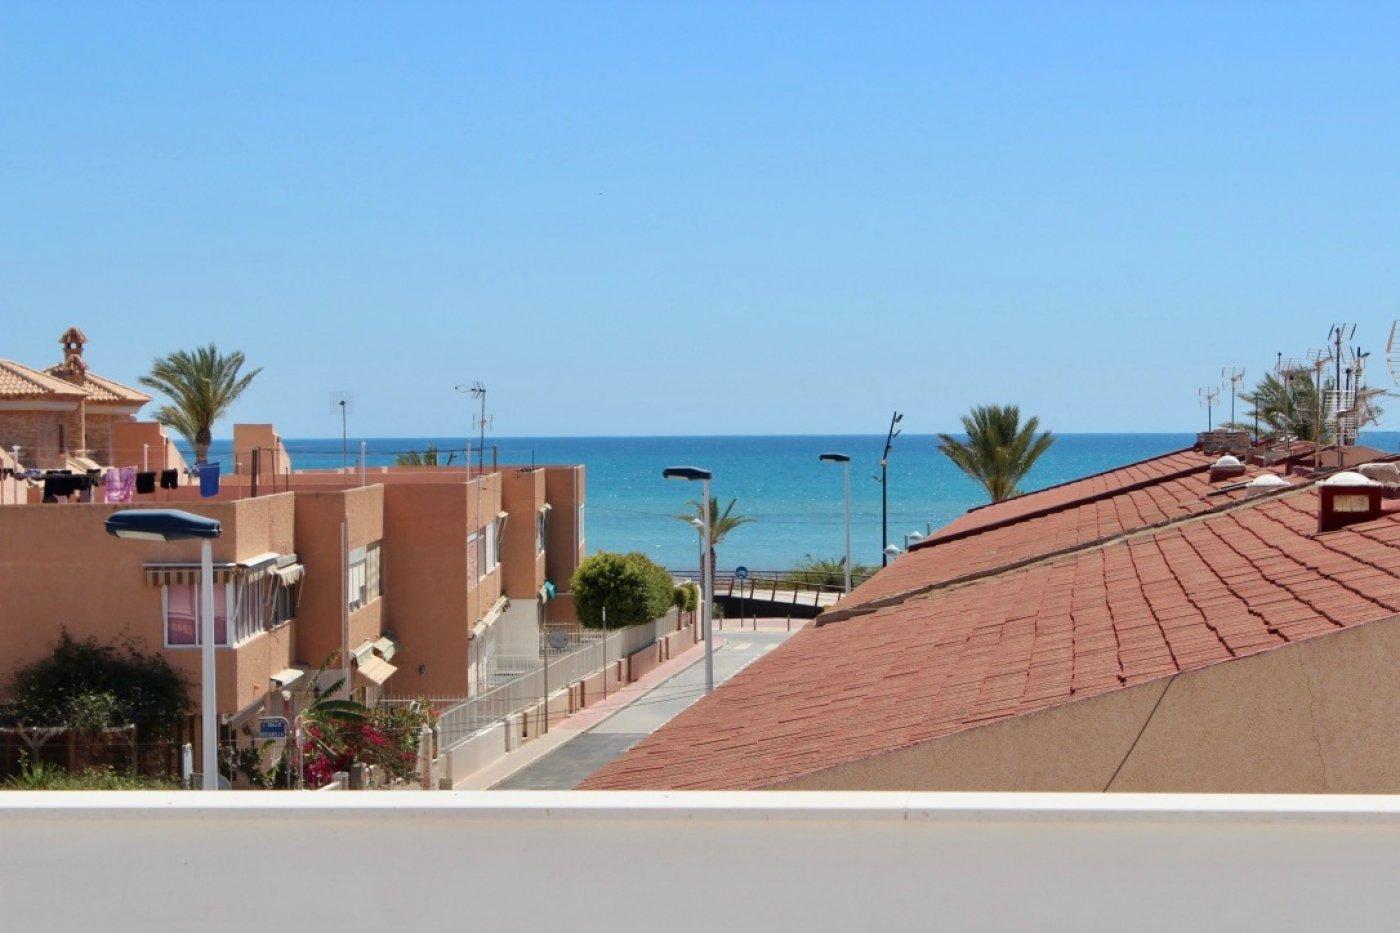 Gallery Image 23 of Nuevo apartamento listo en la planta superior de 2 dormitorios a solo 2 minutos a pie de las playas,